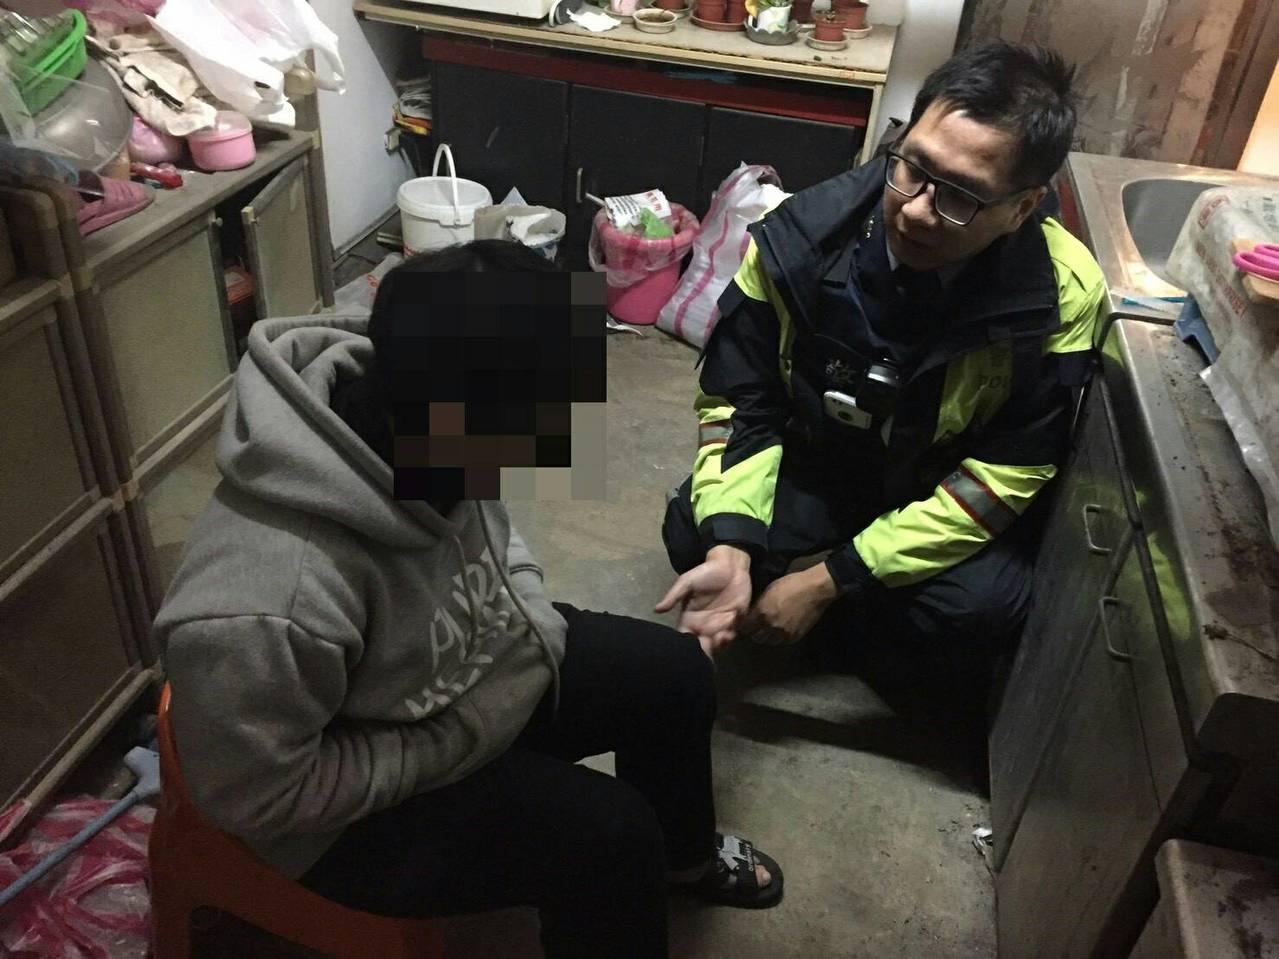 台北市警方努力勸說,勸退年關前卻失業打算輕生的女子。記者廖炳棋/翻攝